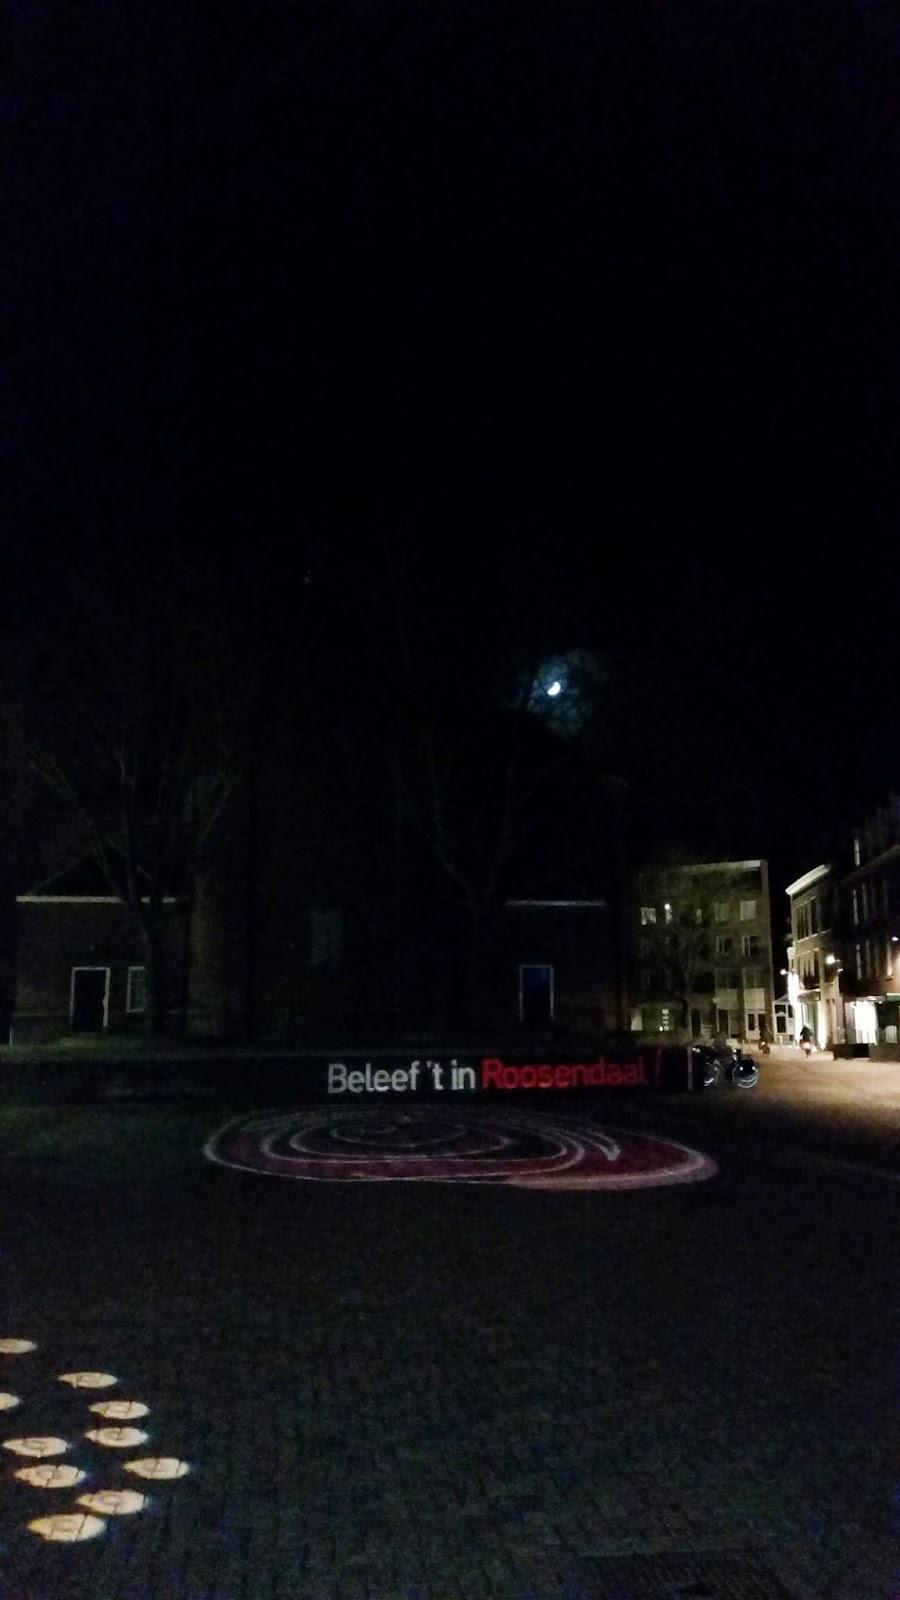 beleef 't in Roosendaal